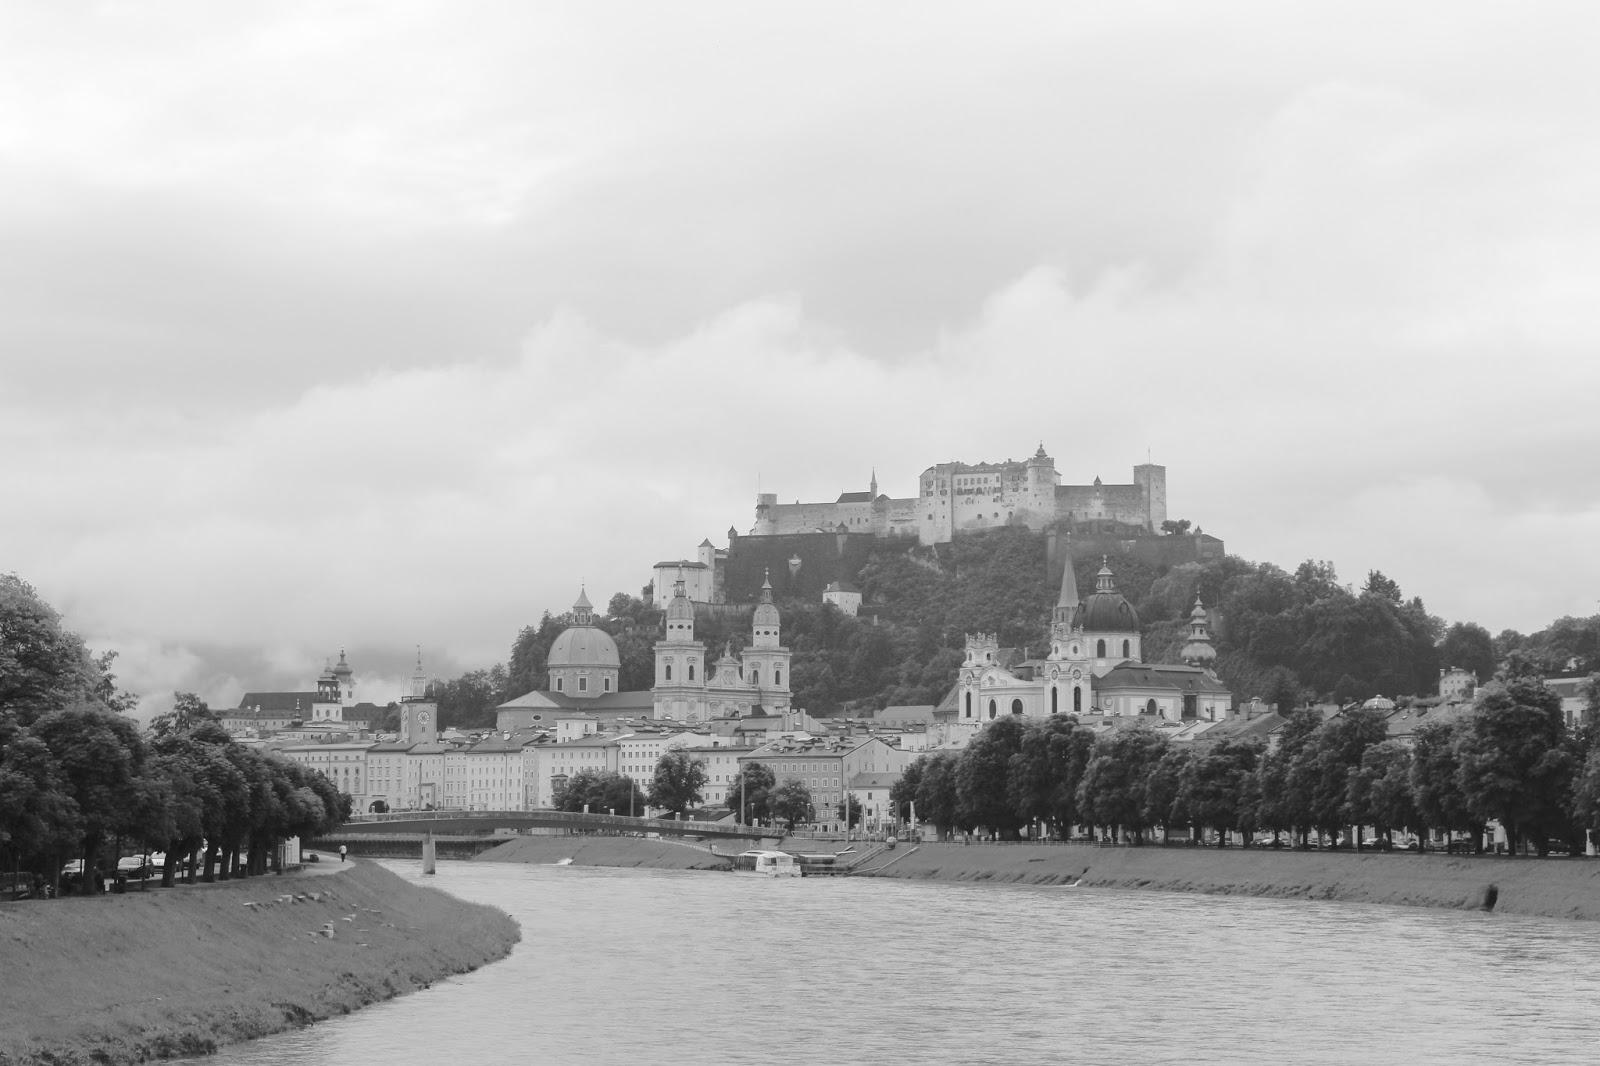 Blick auf die Salzburger Altstadt - dunstig. #sbgatc16